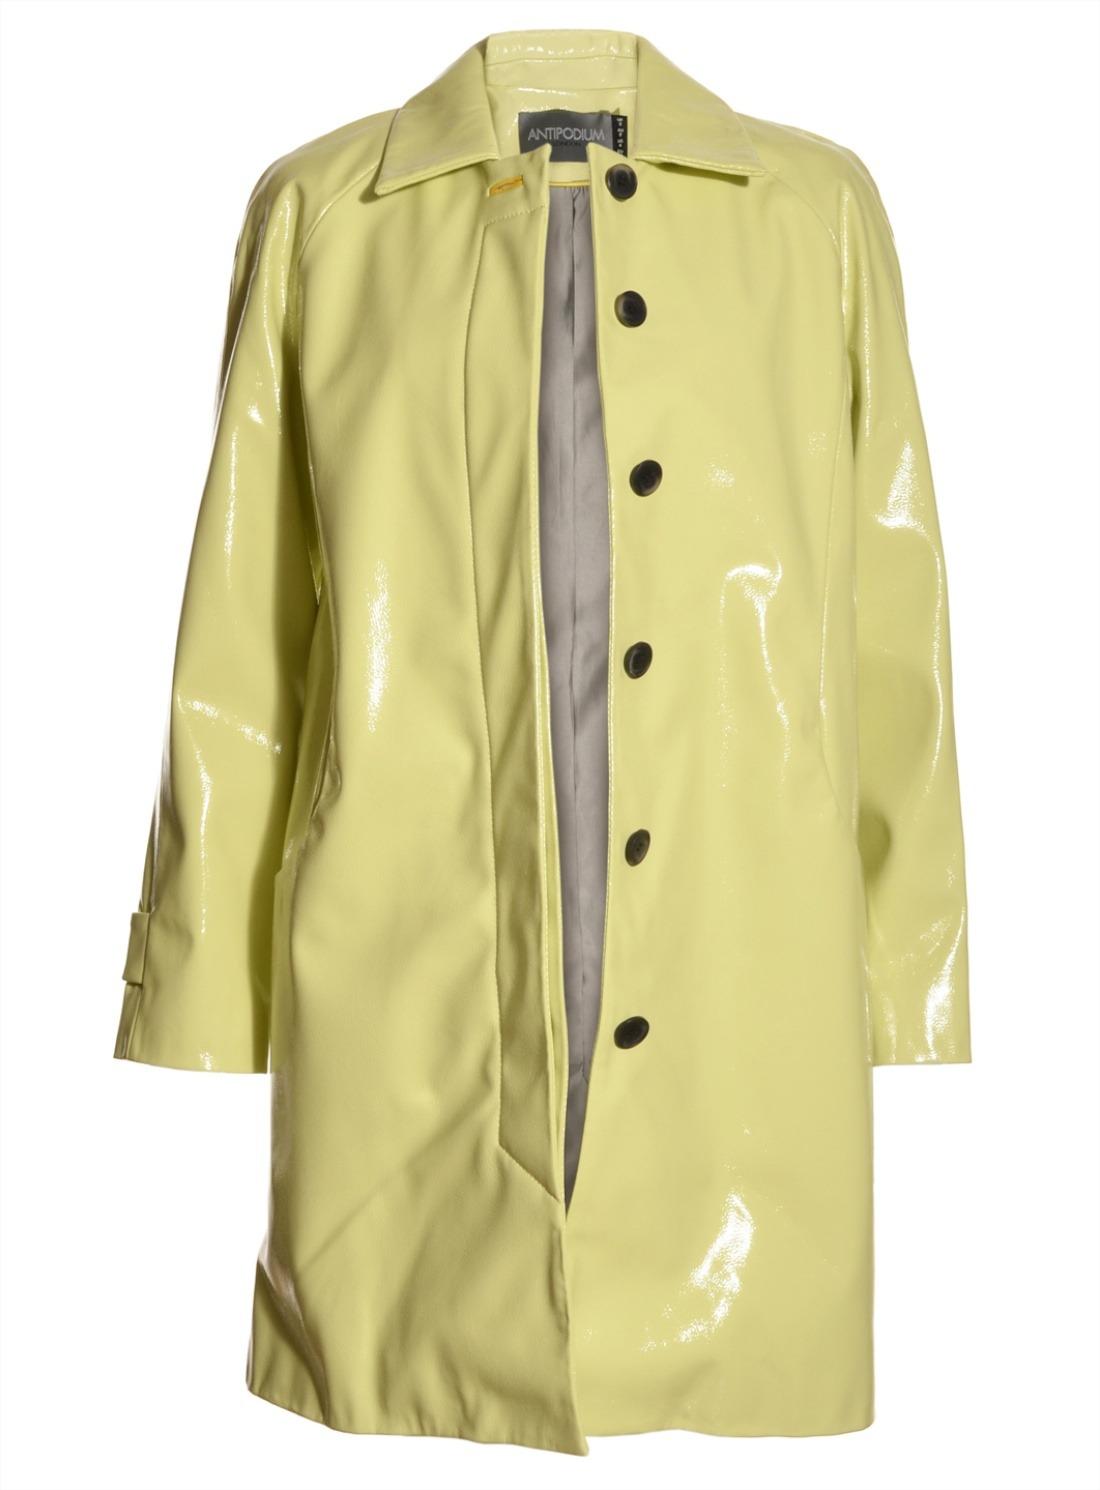 Lyst Antipodium Slicker Coat In Pistachio Vinyl By In Yellow